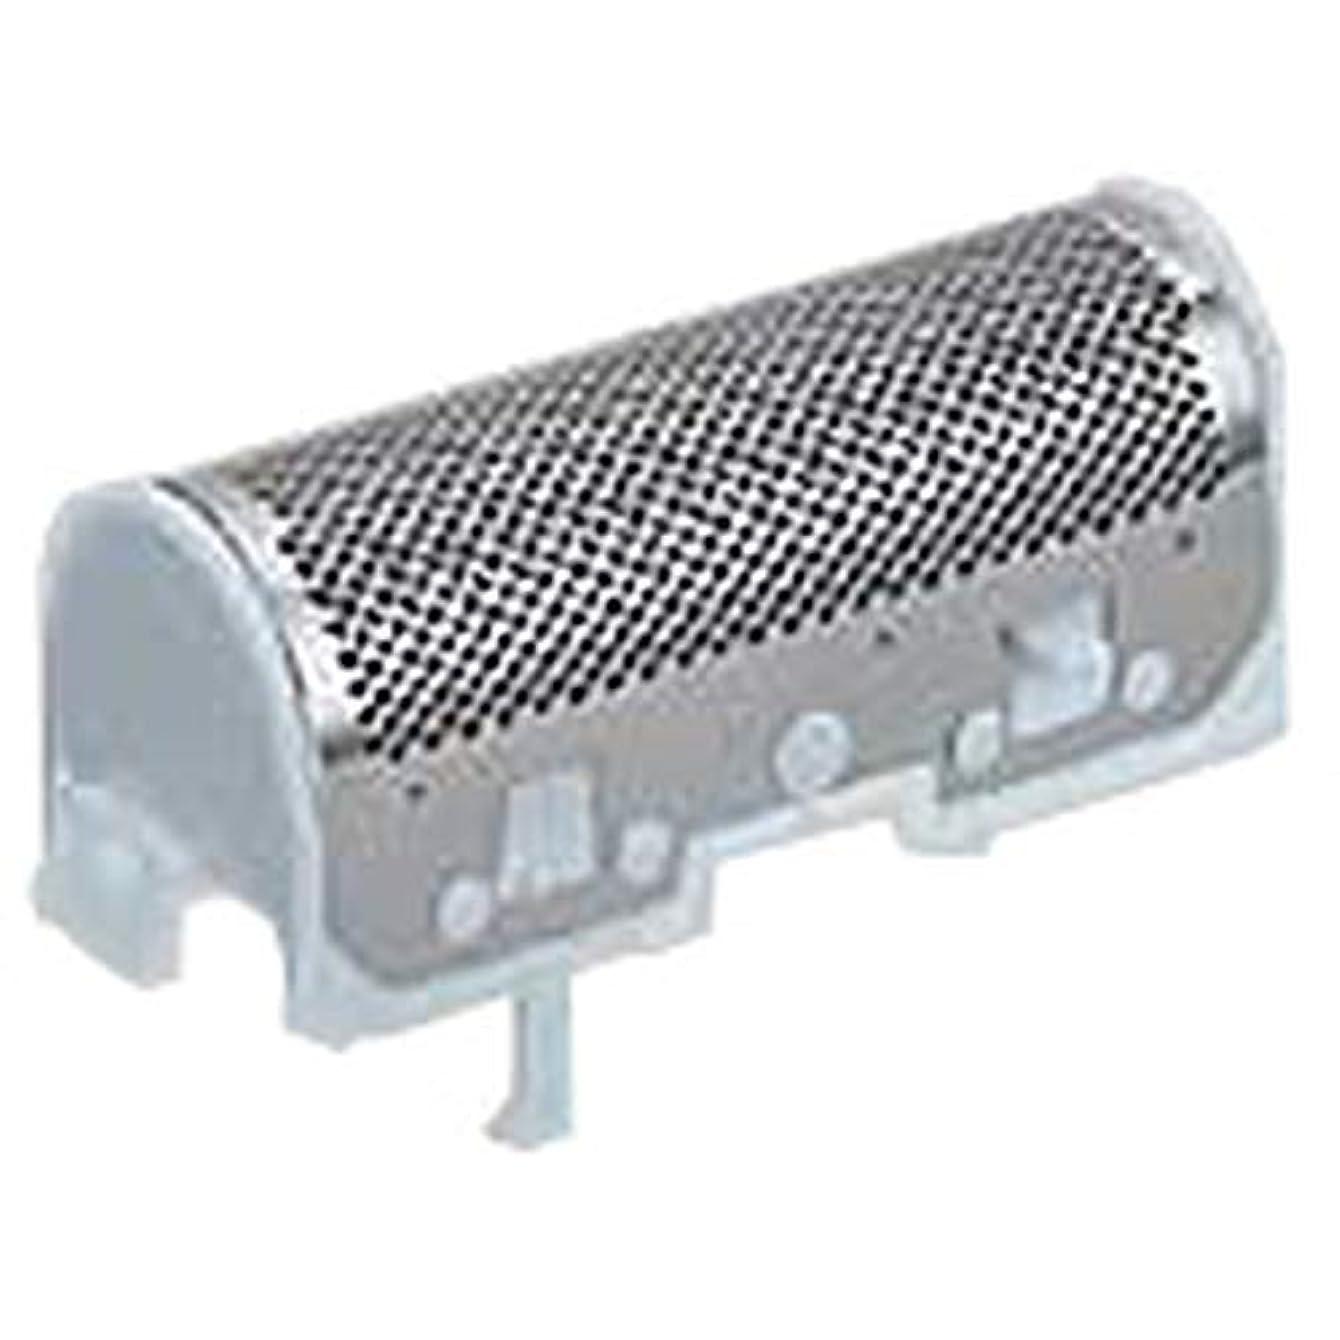 適切なミュウミュウ青パナソニック 替刃 レディスシェーバー用 外刃 ES9779